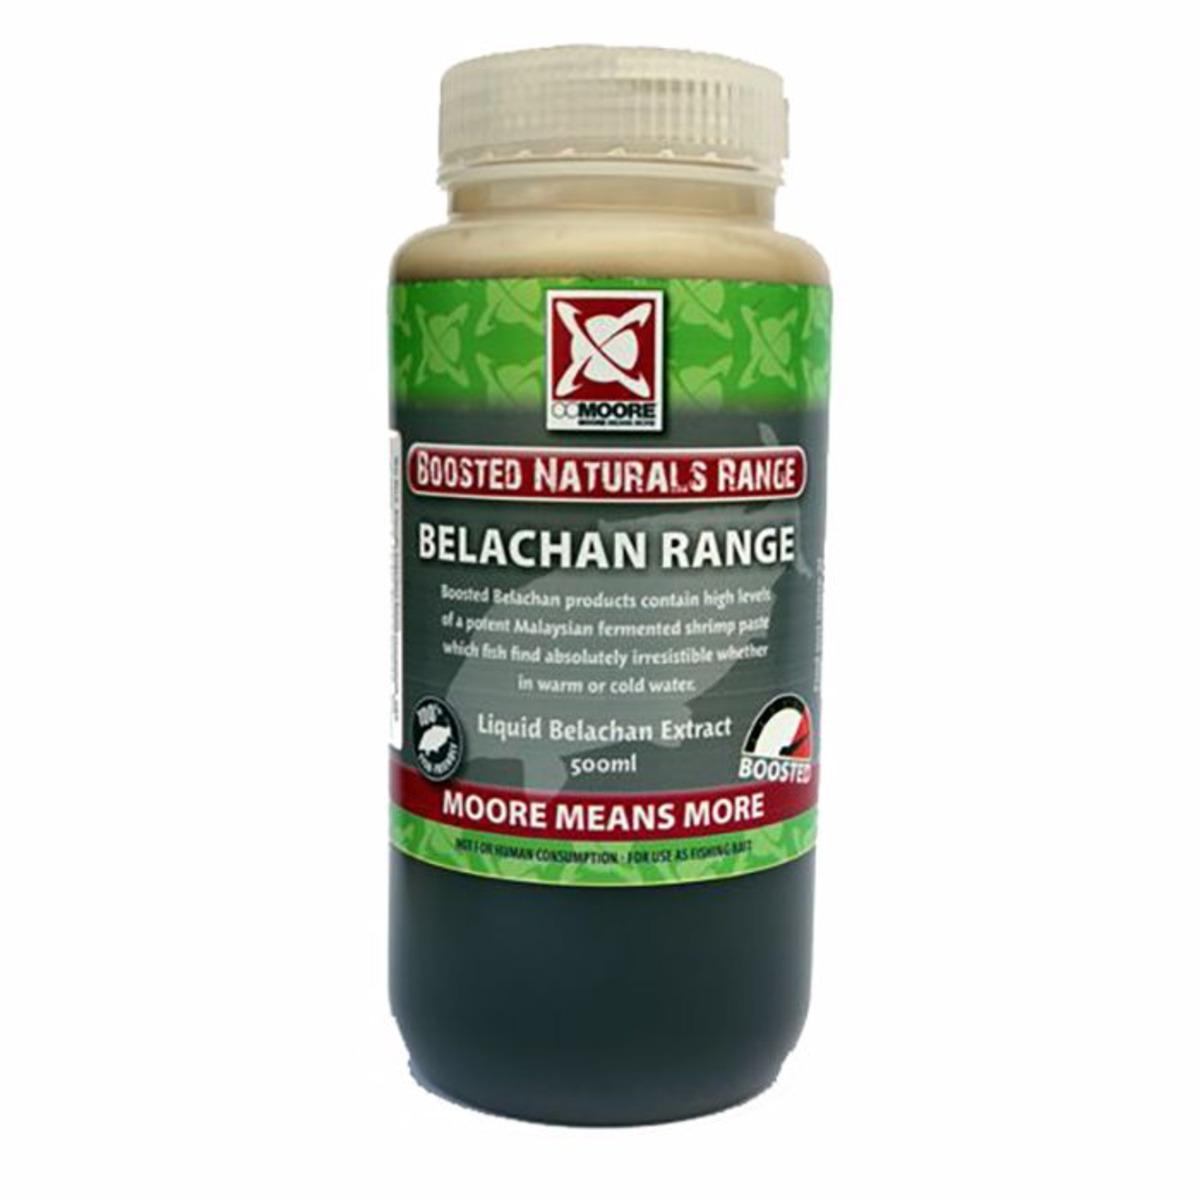 CC Moore Liquid Belachan Extract - 500 ml